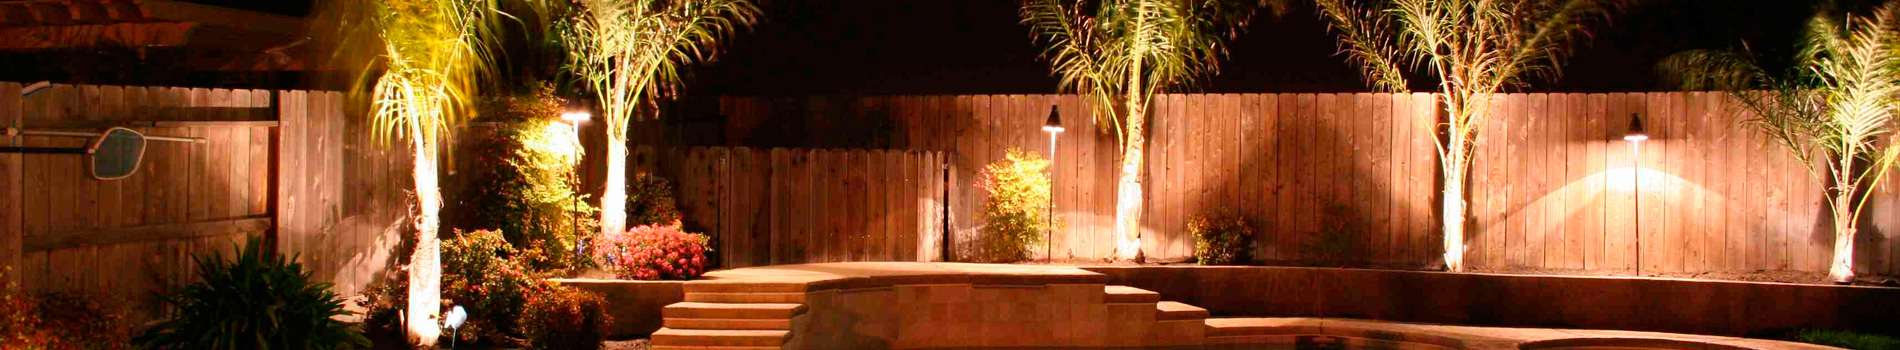 Lumipro iluminacion de exterior monterrey iluminacion para for Luces de jardin exterior